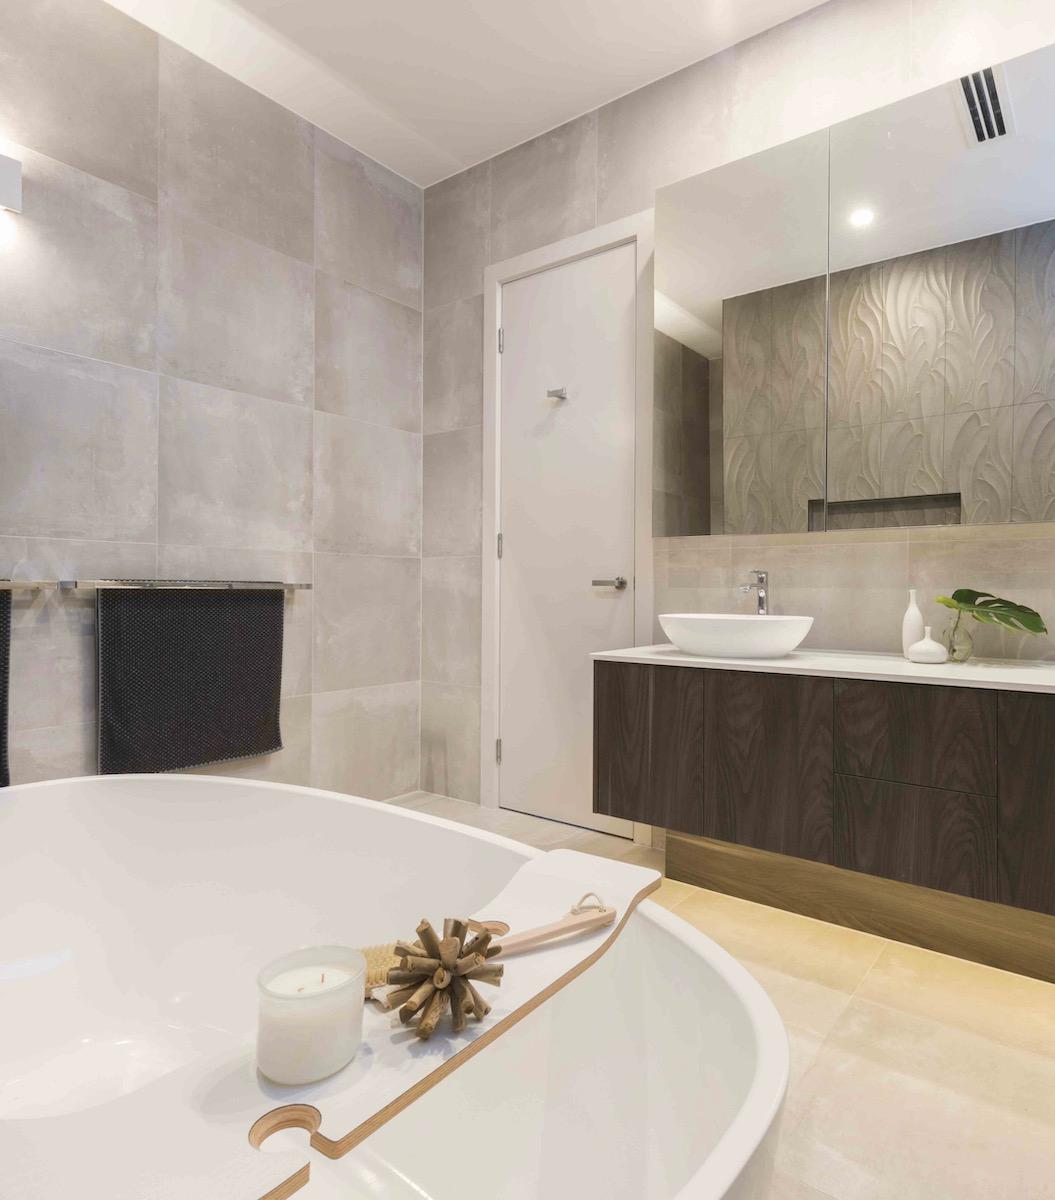 salle de bain design baignoire forme arrondie tendance matériaux design clematc